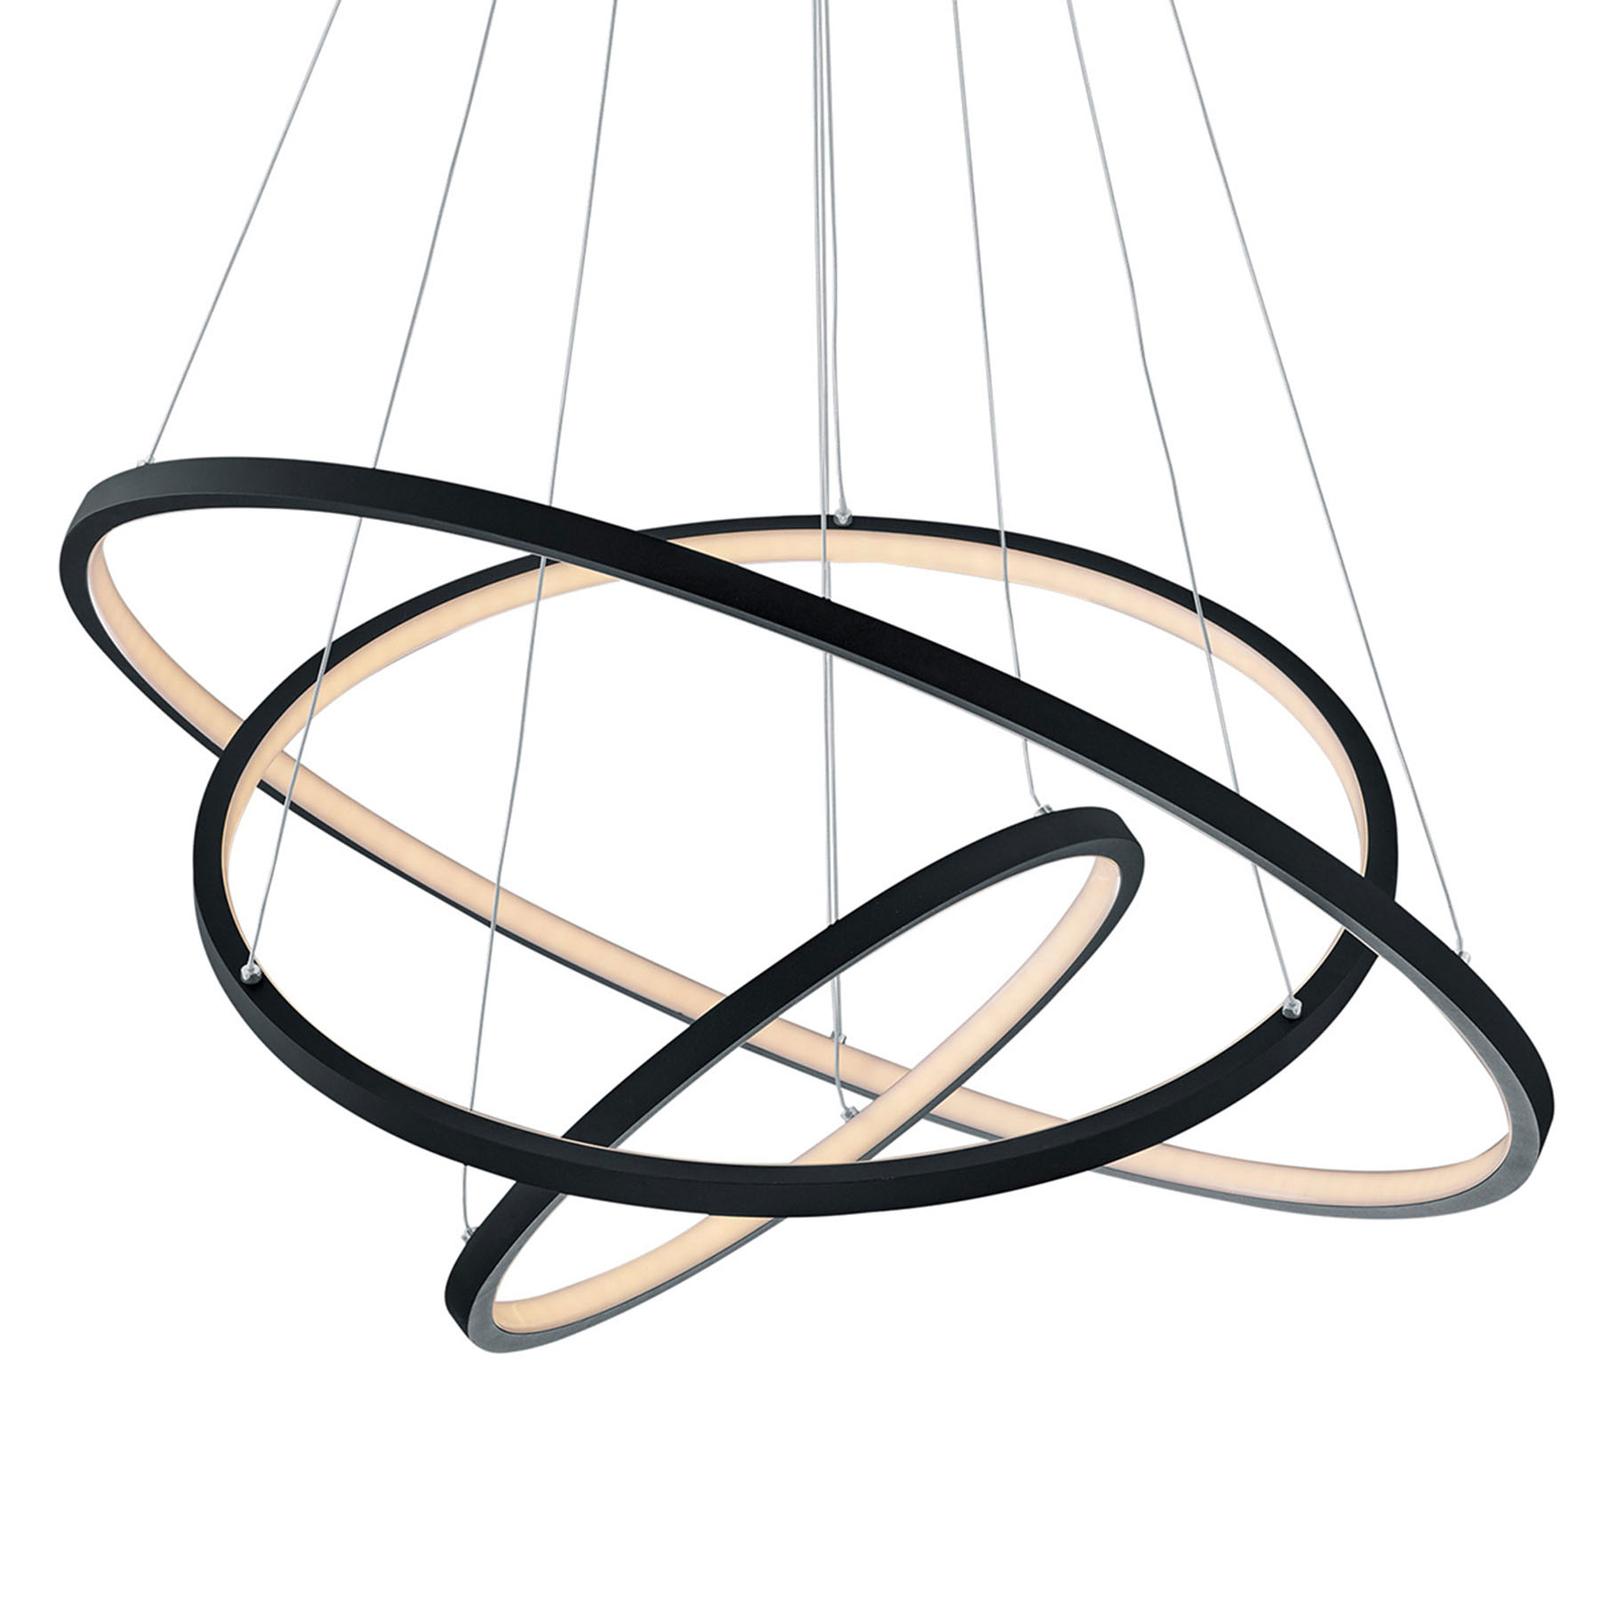 Trio WiZ Aaron lampa wisząca LED, antracyt